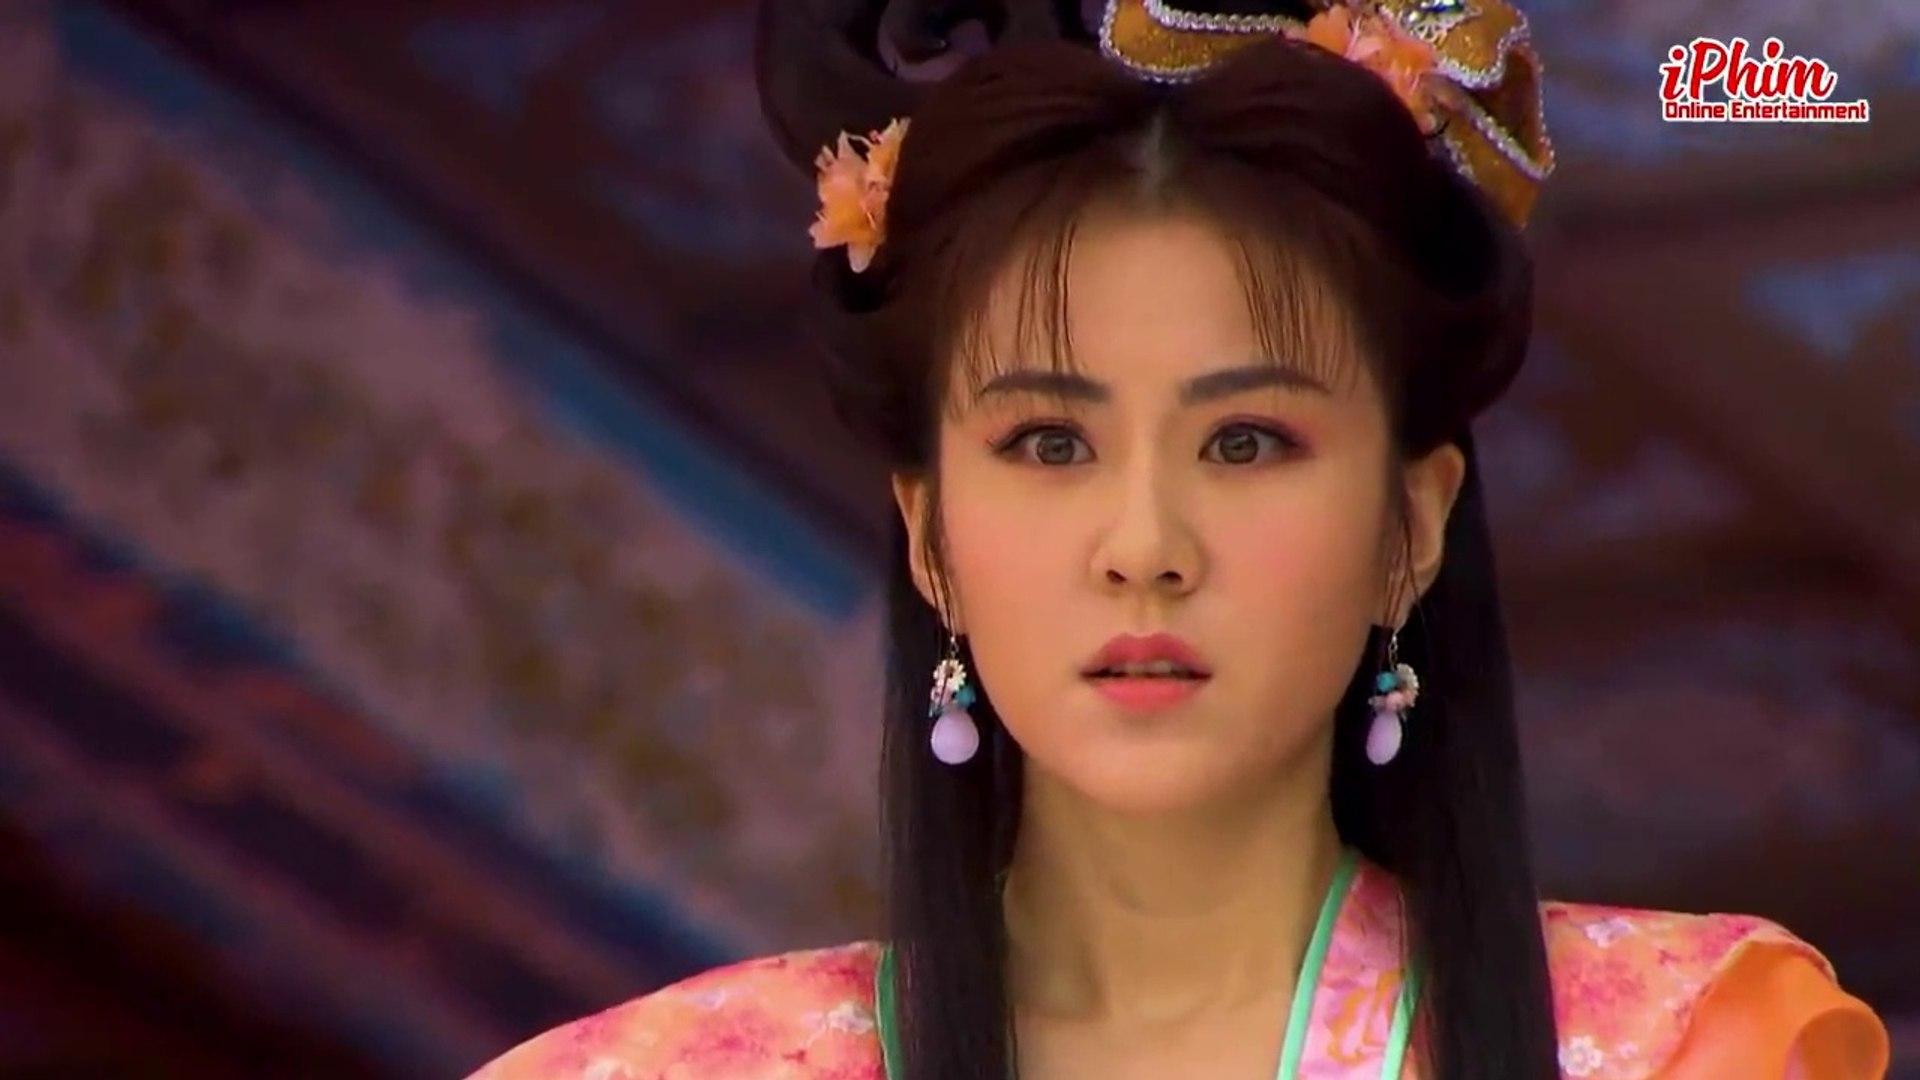 CHÂN MỆNH THIÊN TỬ Tập 55 - Phim Hay 2019 - Phim Võ Thuật Kiếm Hiệp - Cổ Trang Tiên Hiệp